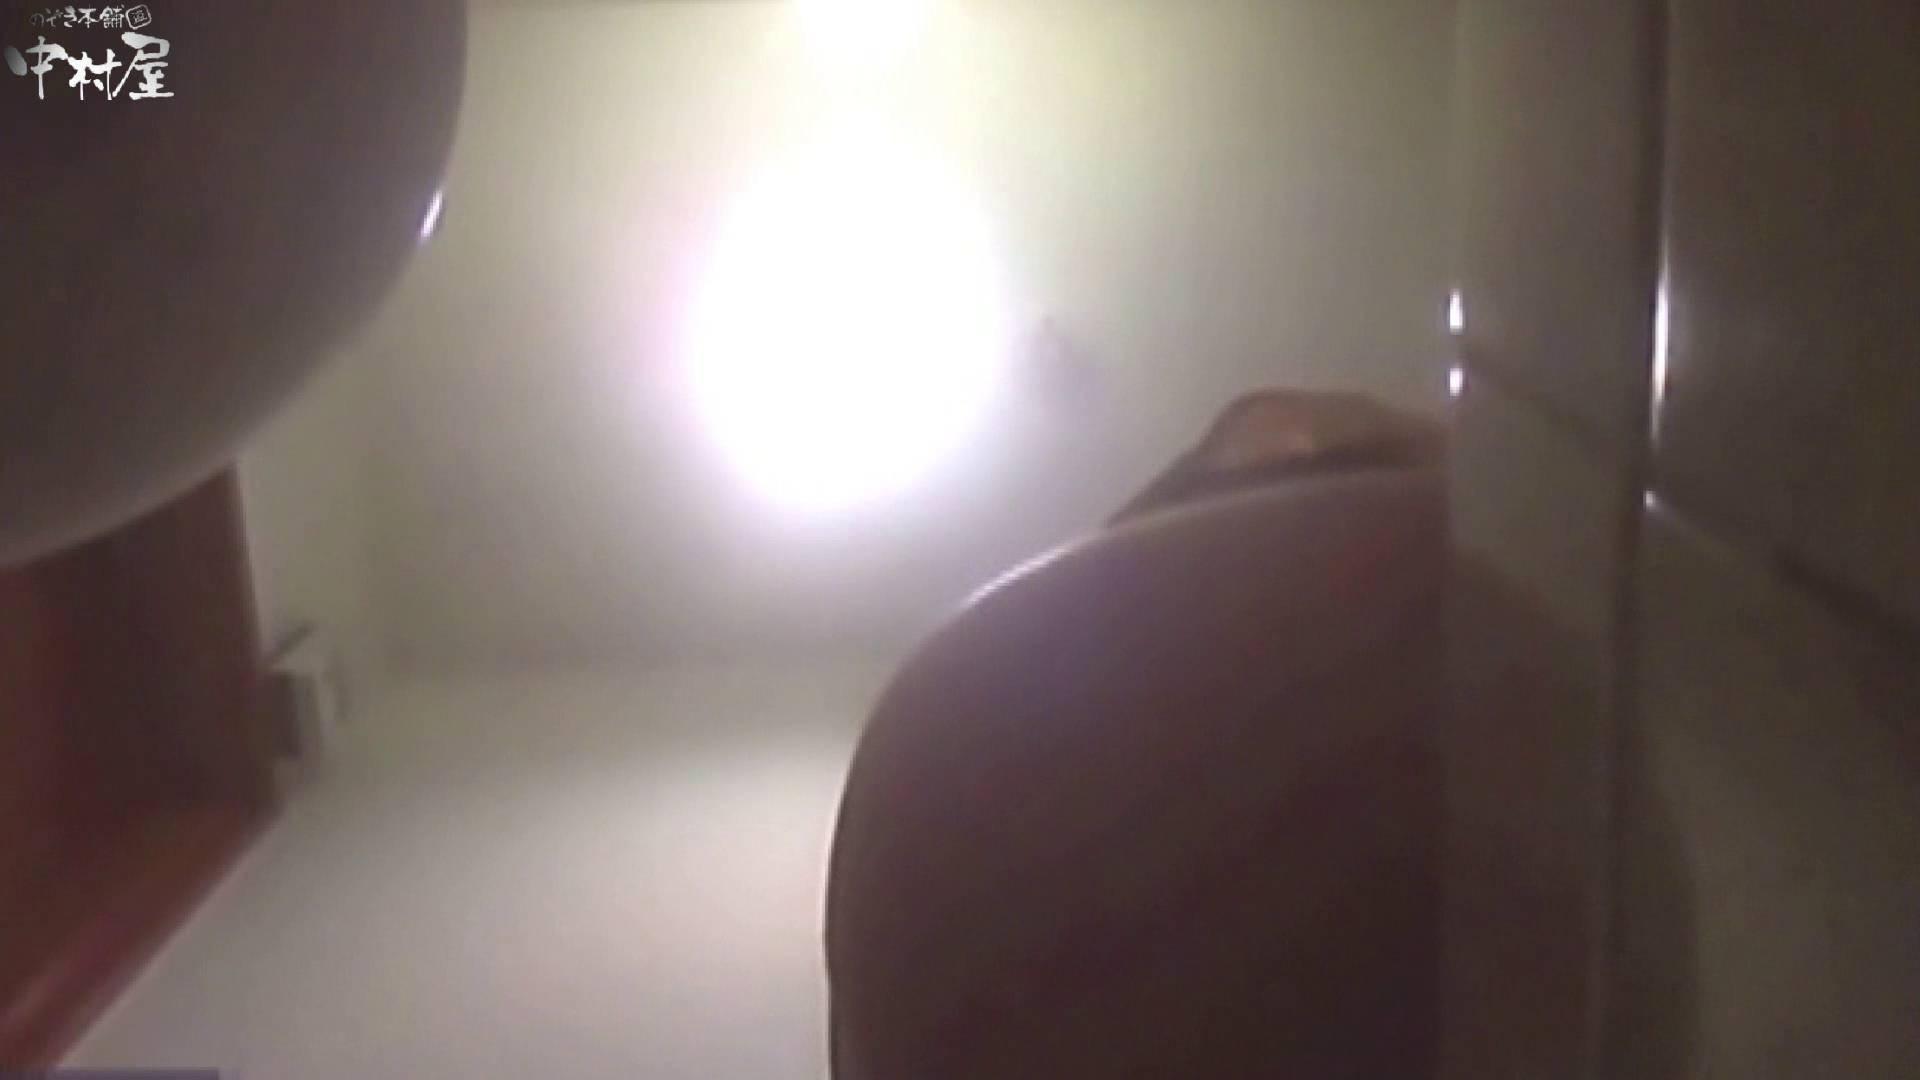 解禁!海の家4カメ洗面所vol.16 現役ギャル セックス無修正動画無料 77pic 26